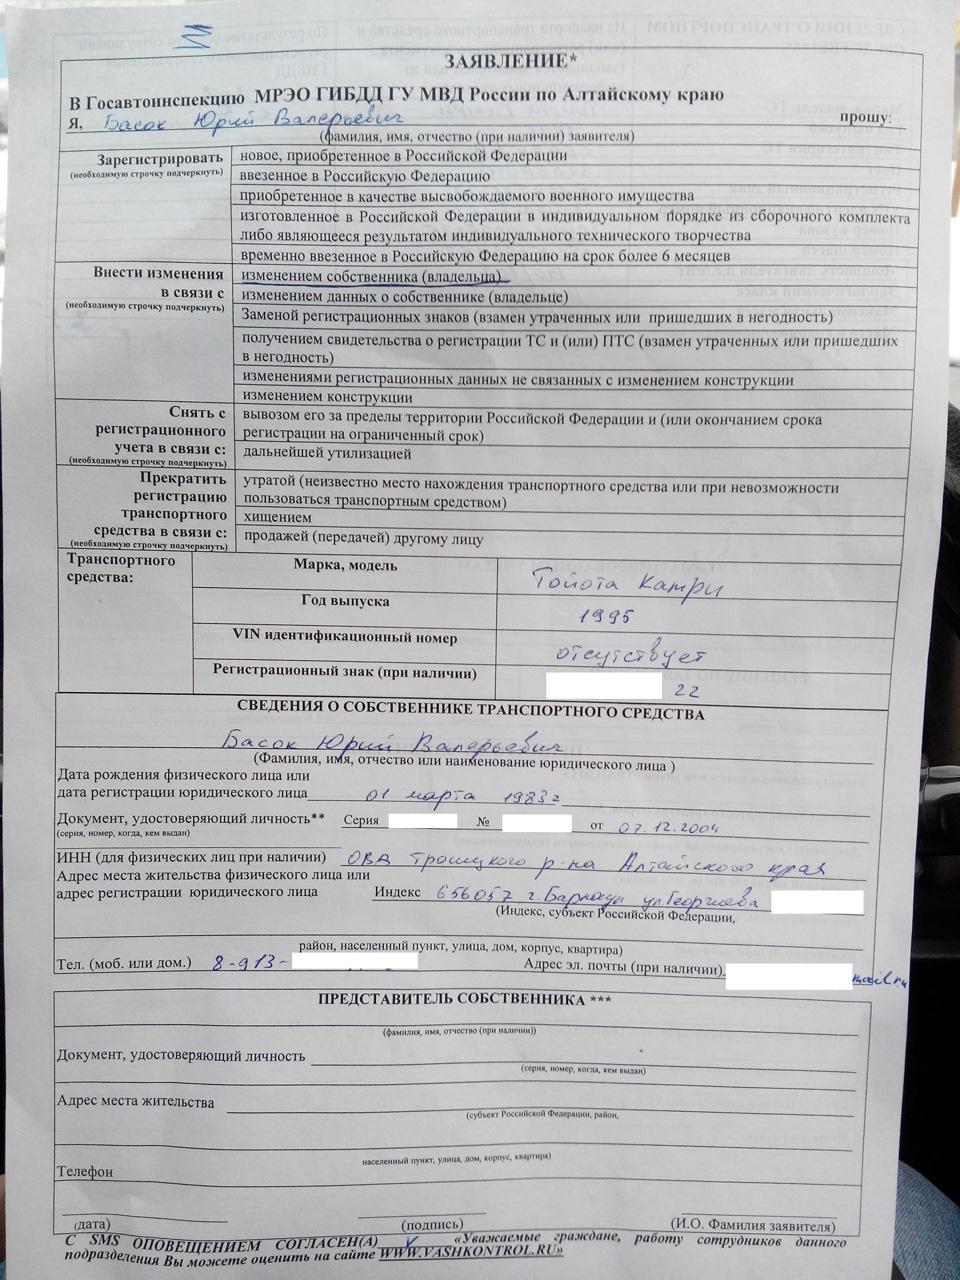 бланк заявления постановки на учет авто